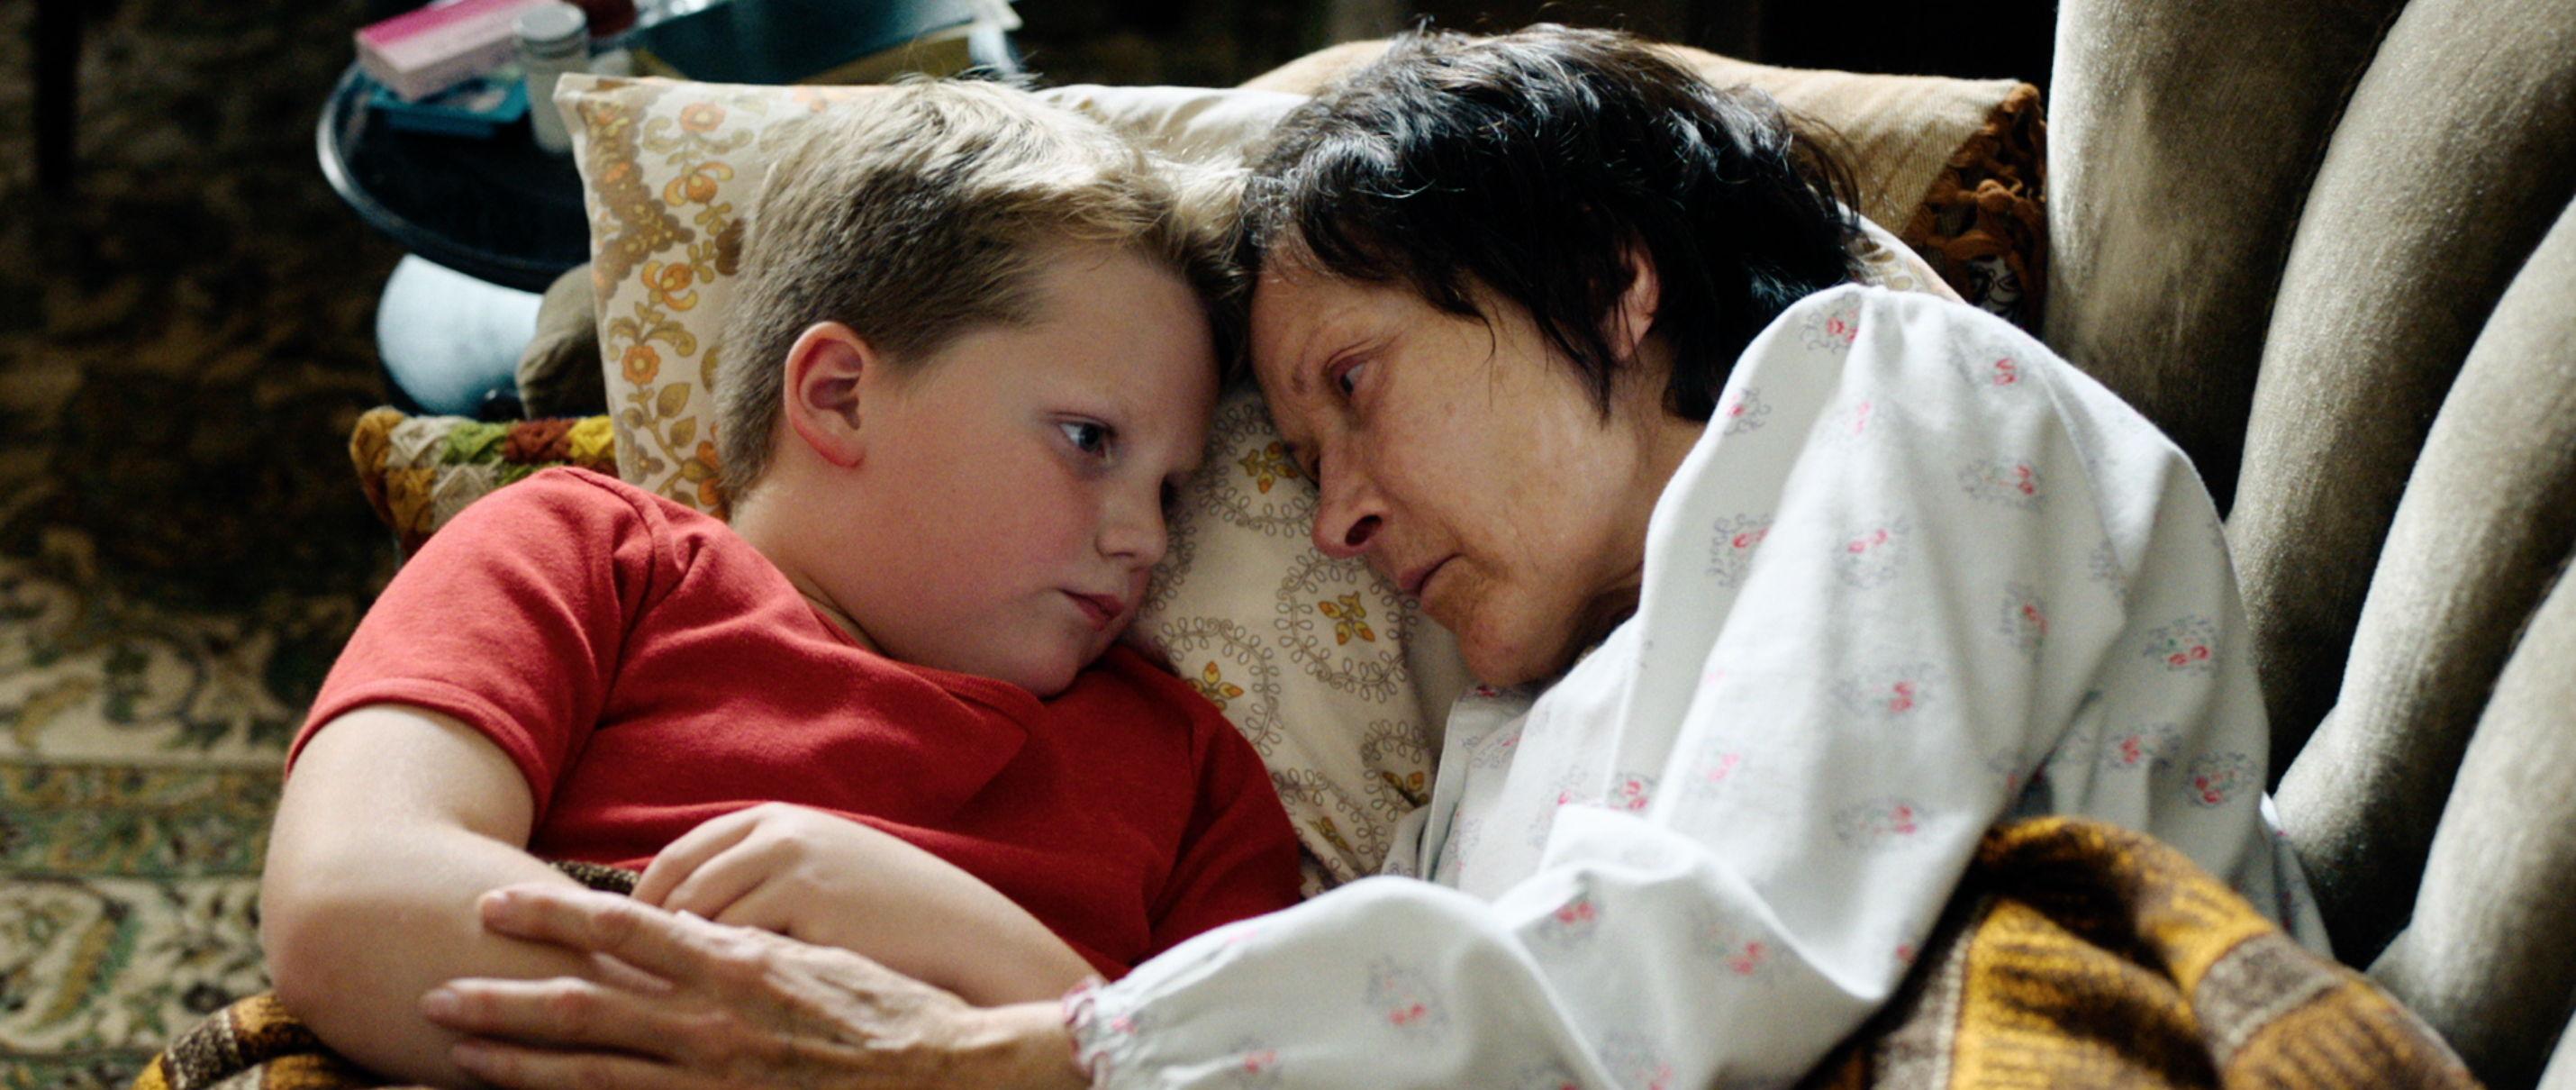 Der Junge muss an die frische Luft - all about me - klein Hape mit seiner Oma Änne - Regie Caroline Link - Kamera Judith Kaufmann